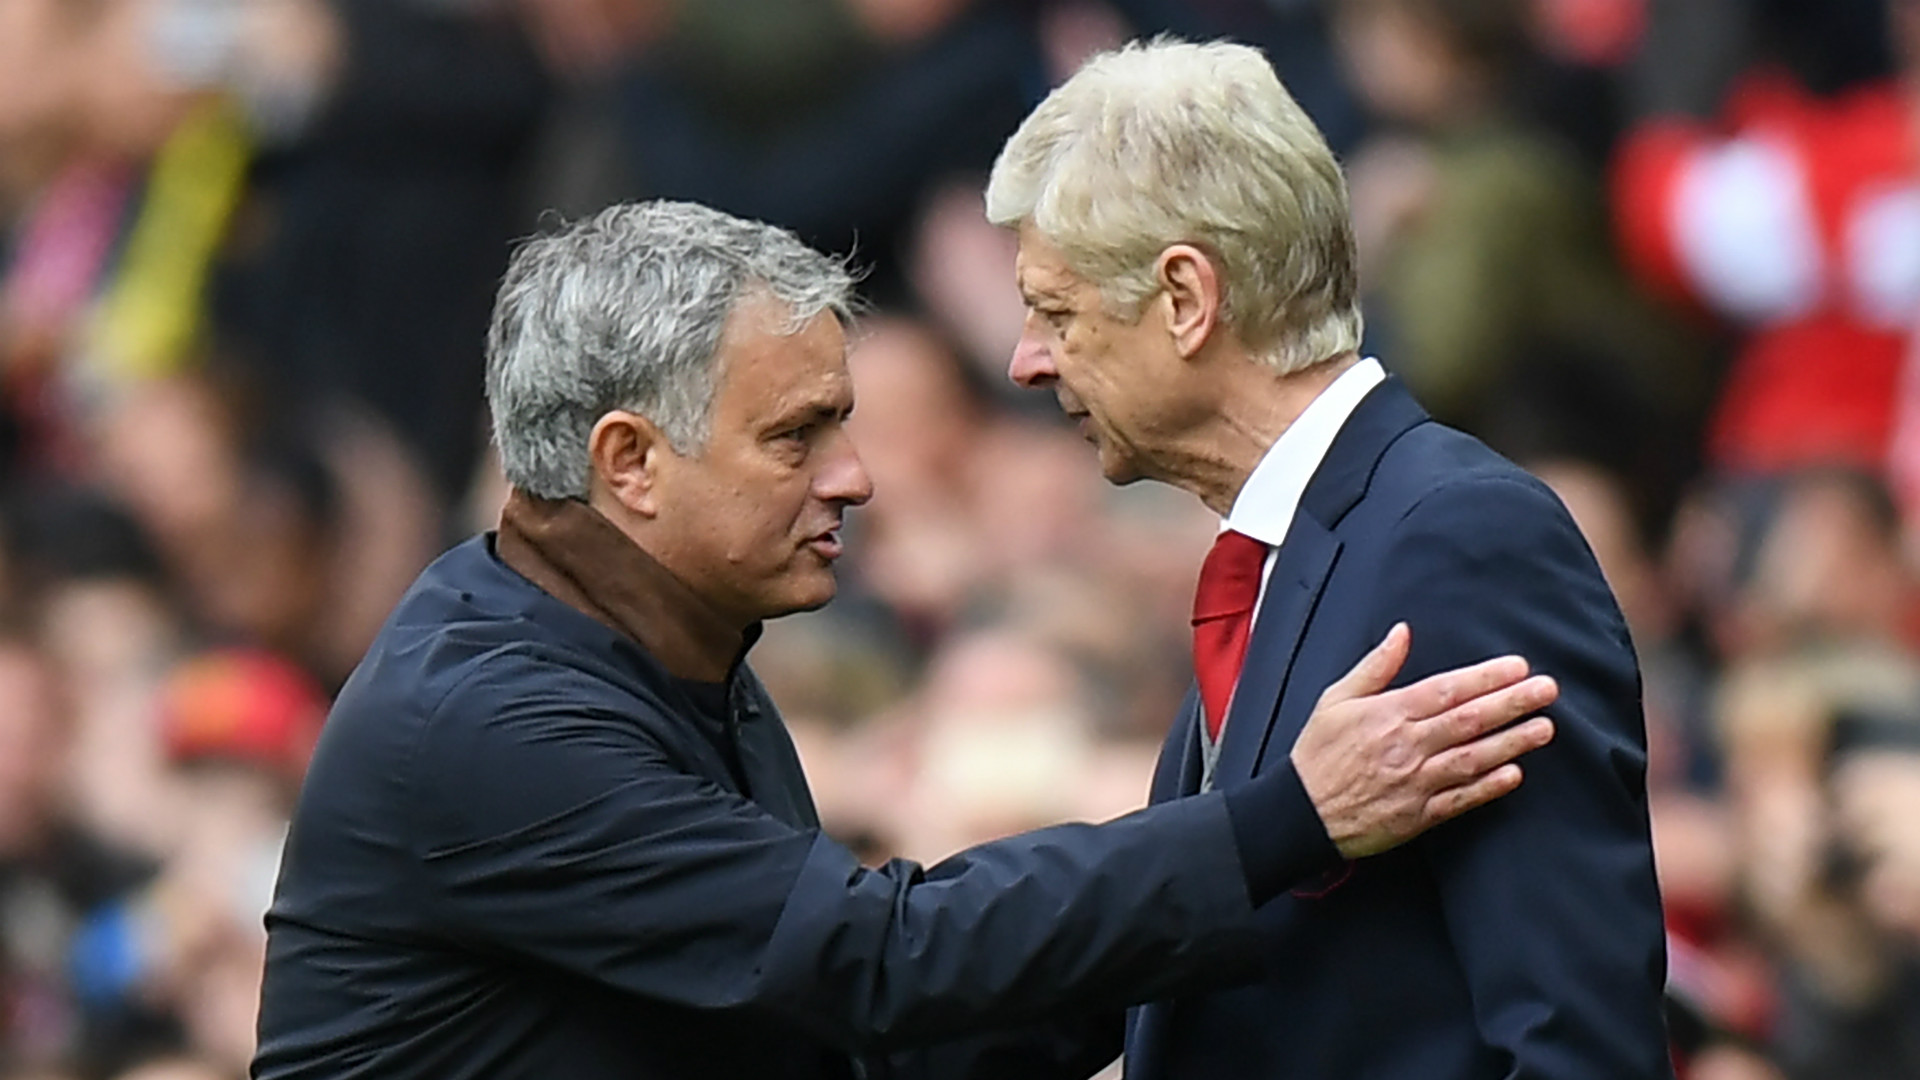 Arsene Wenger Jose Mourinho Manchester United Arsenal